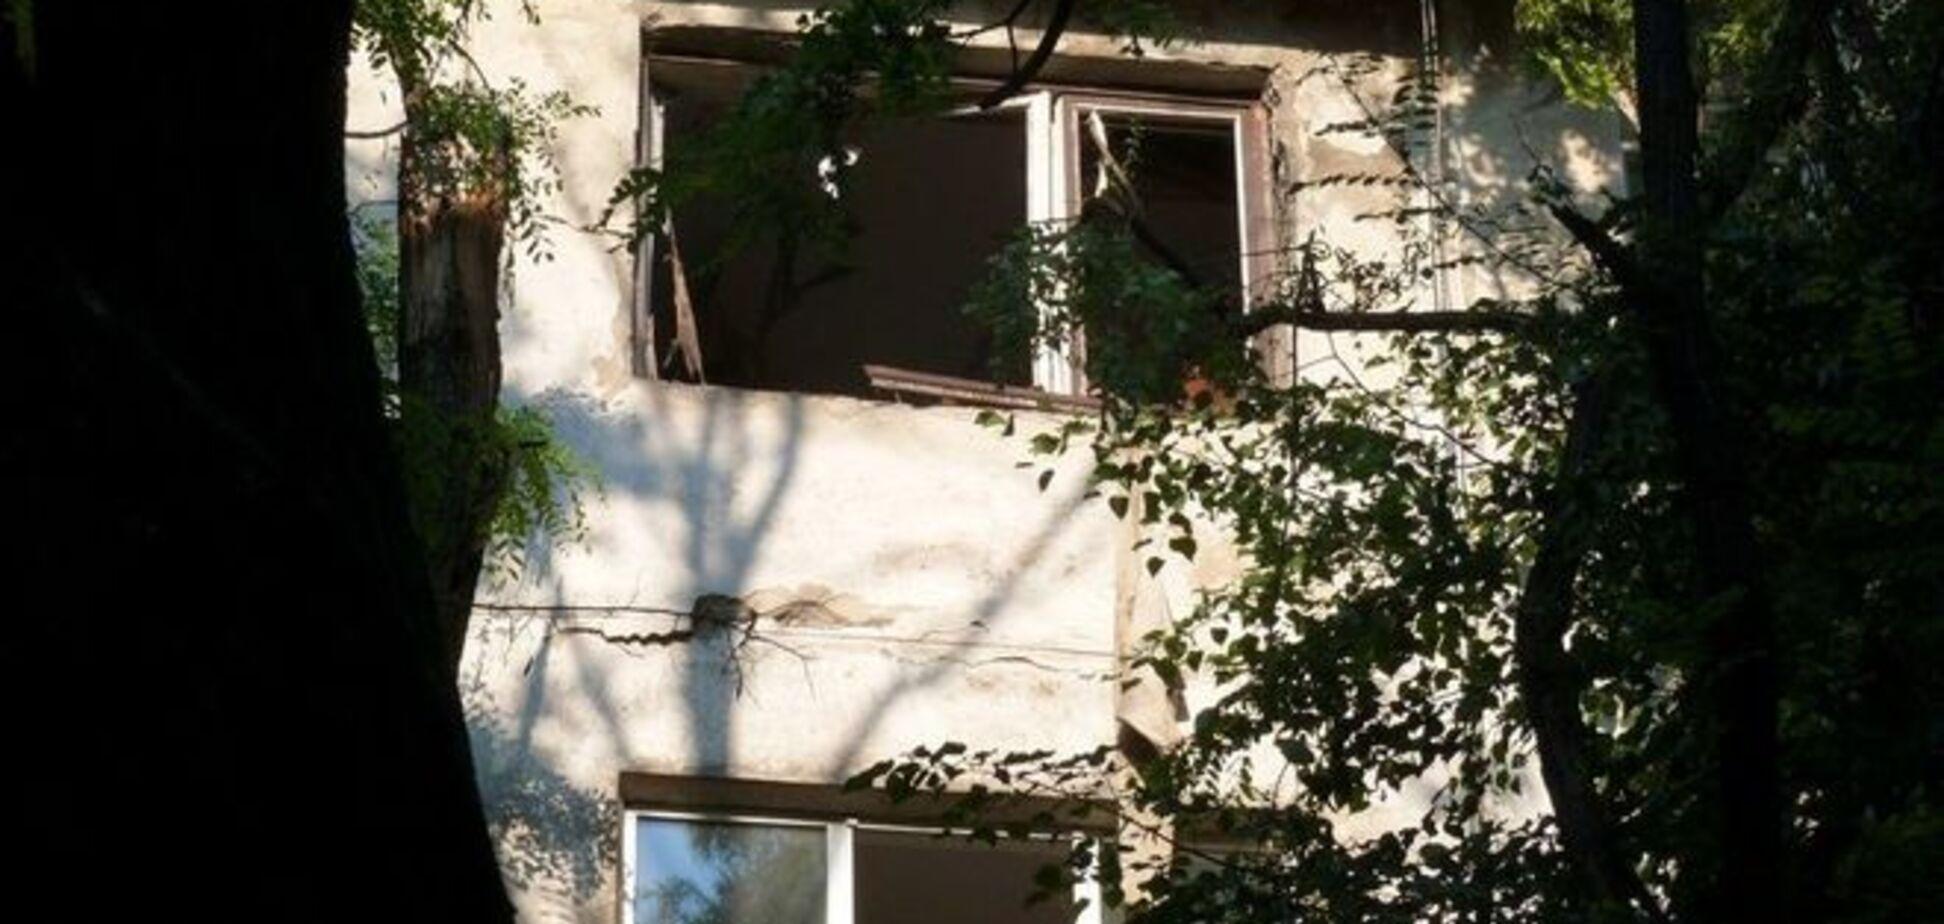 У Миколаєві могли підірвати будинок, щоб приховати вбивство - версія